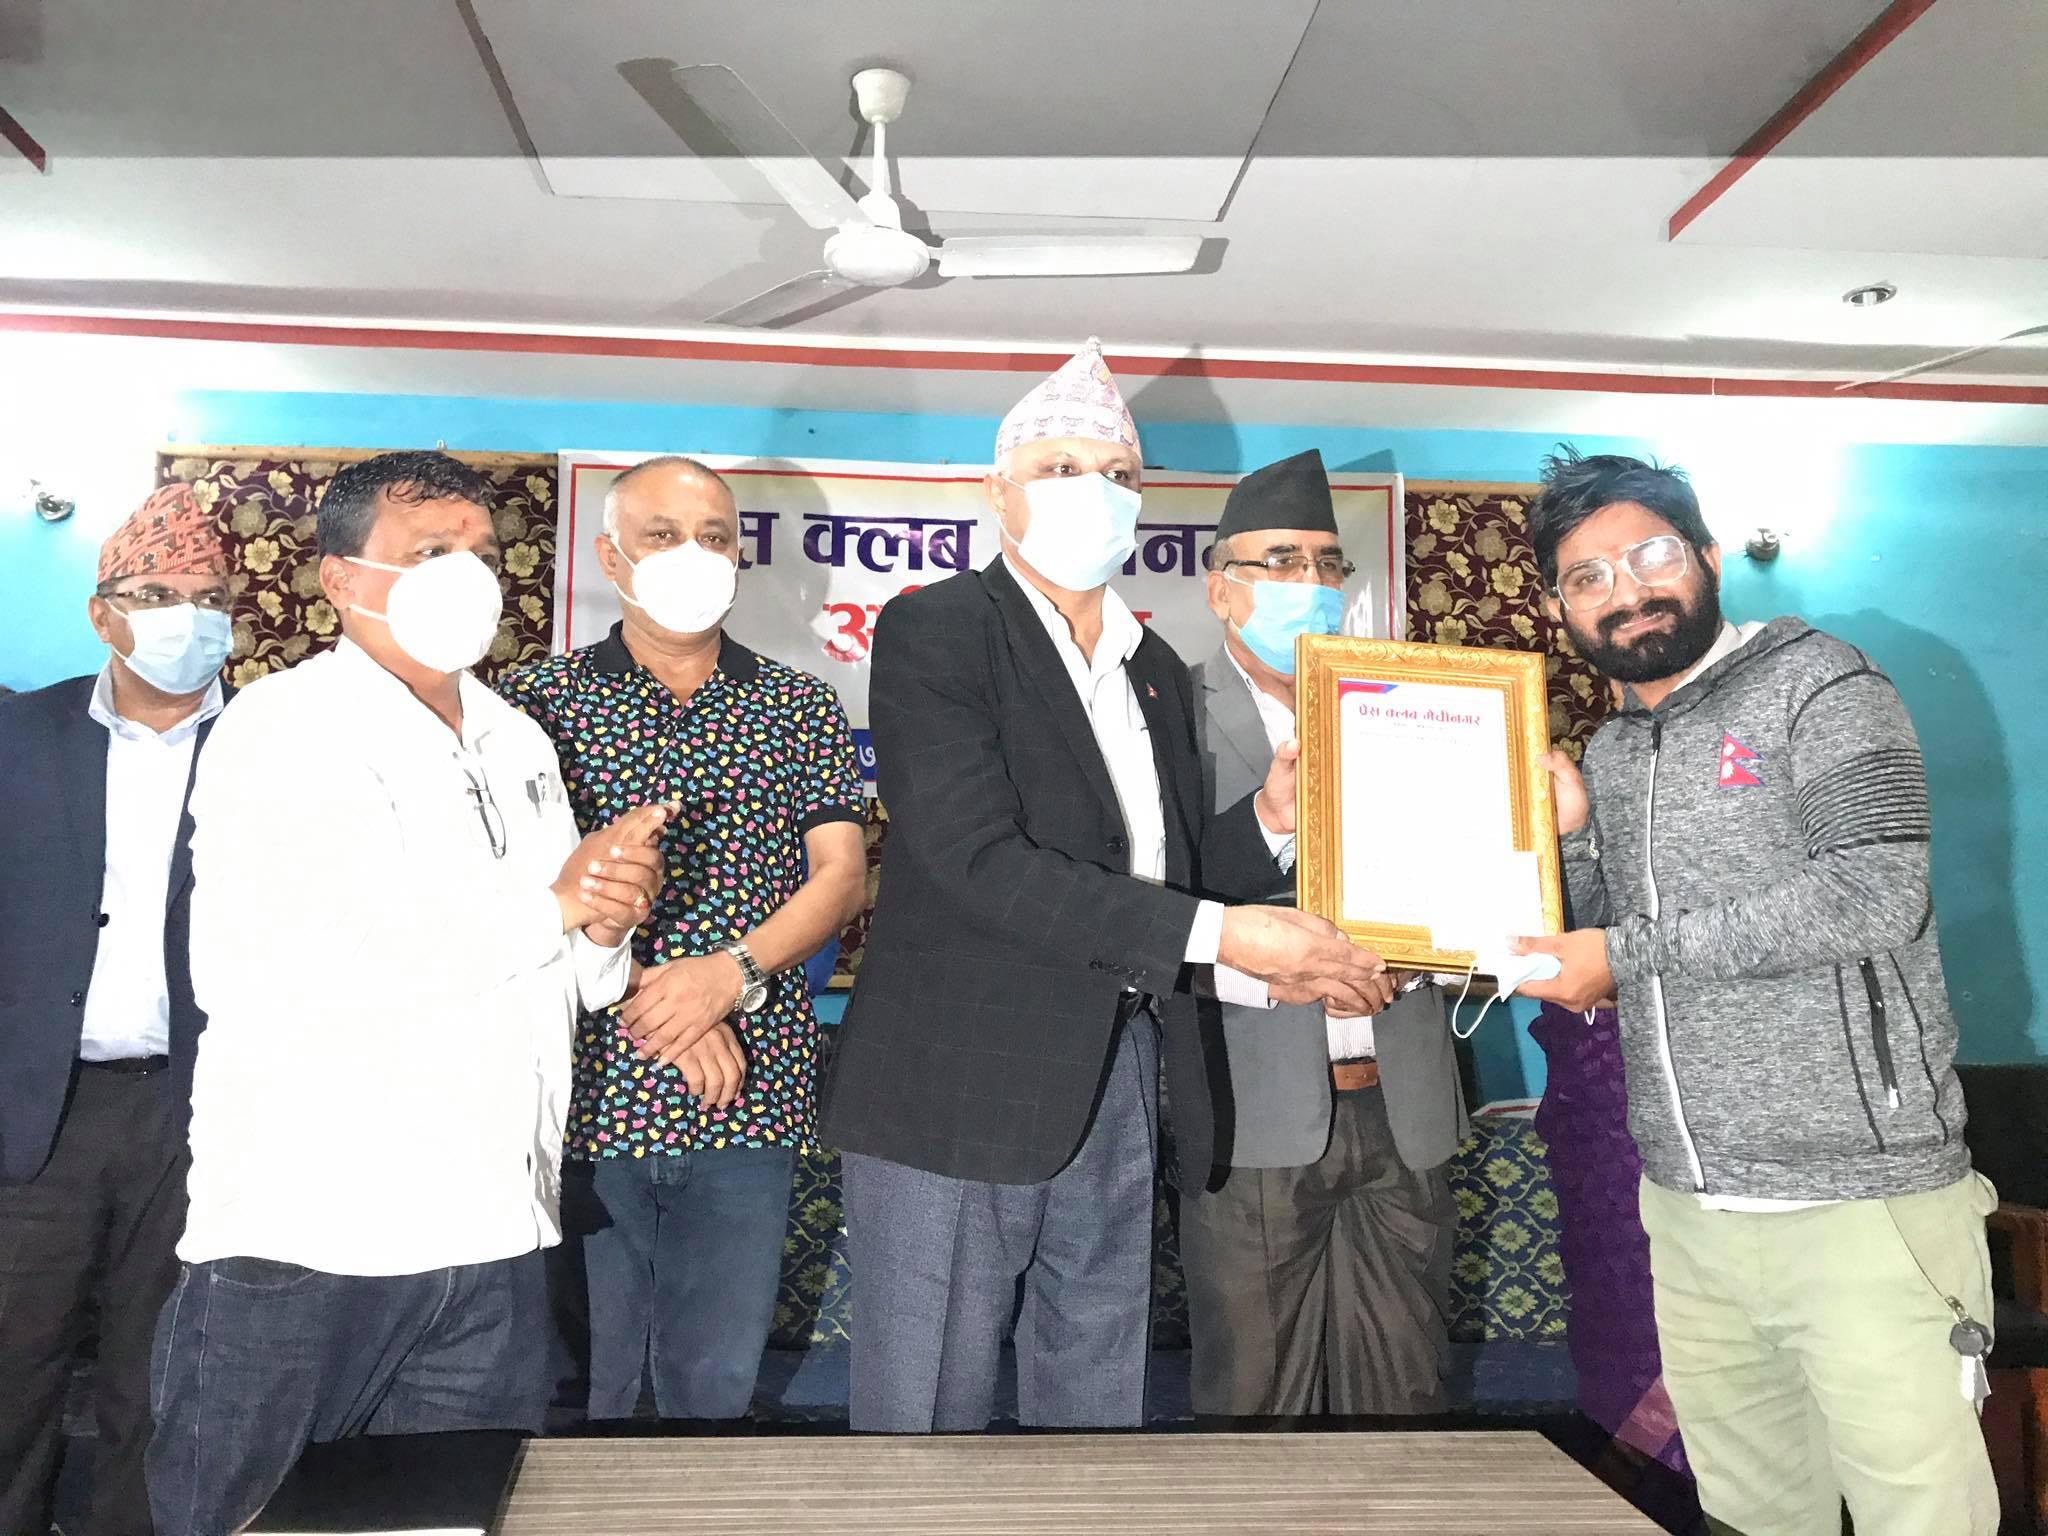 प्रेस क्लव मेचीनगरद्वारा दुई जना पत्रकार सम्मानित